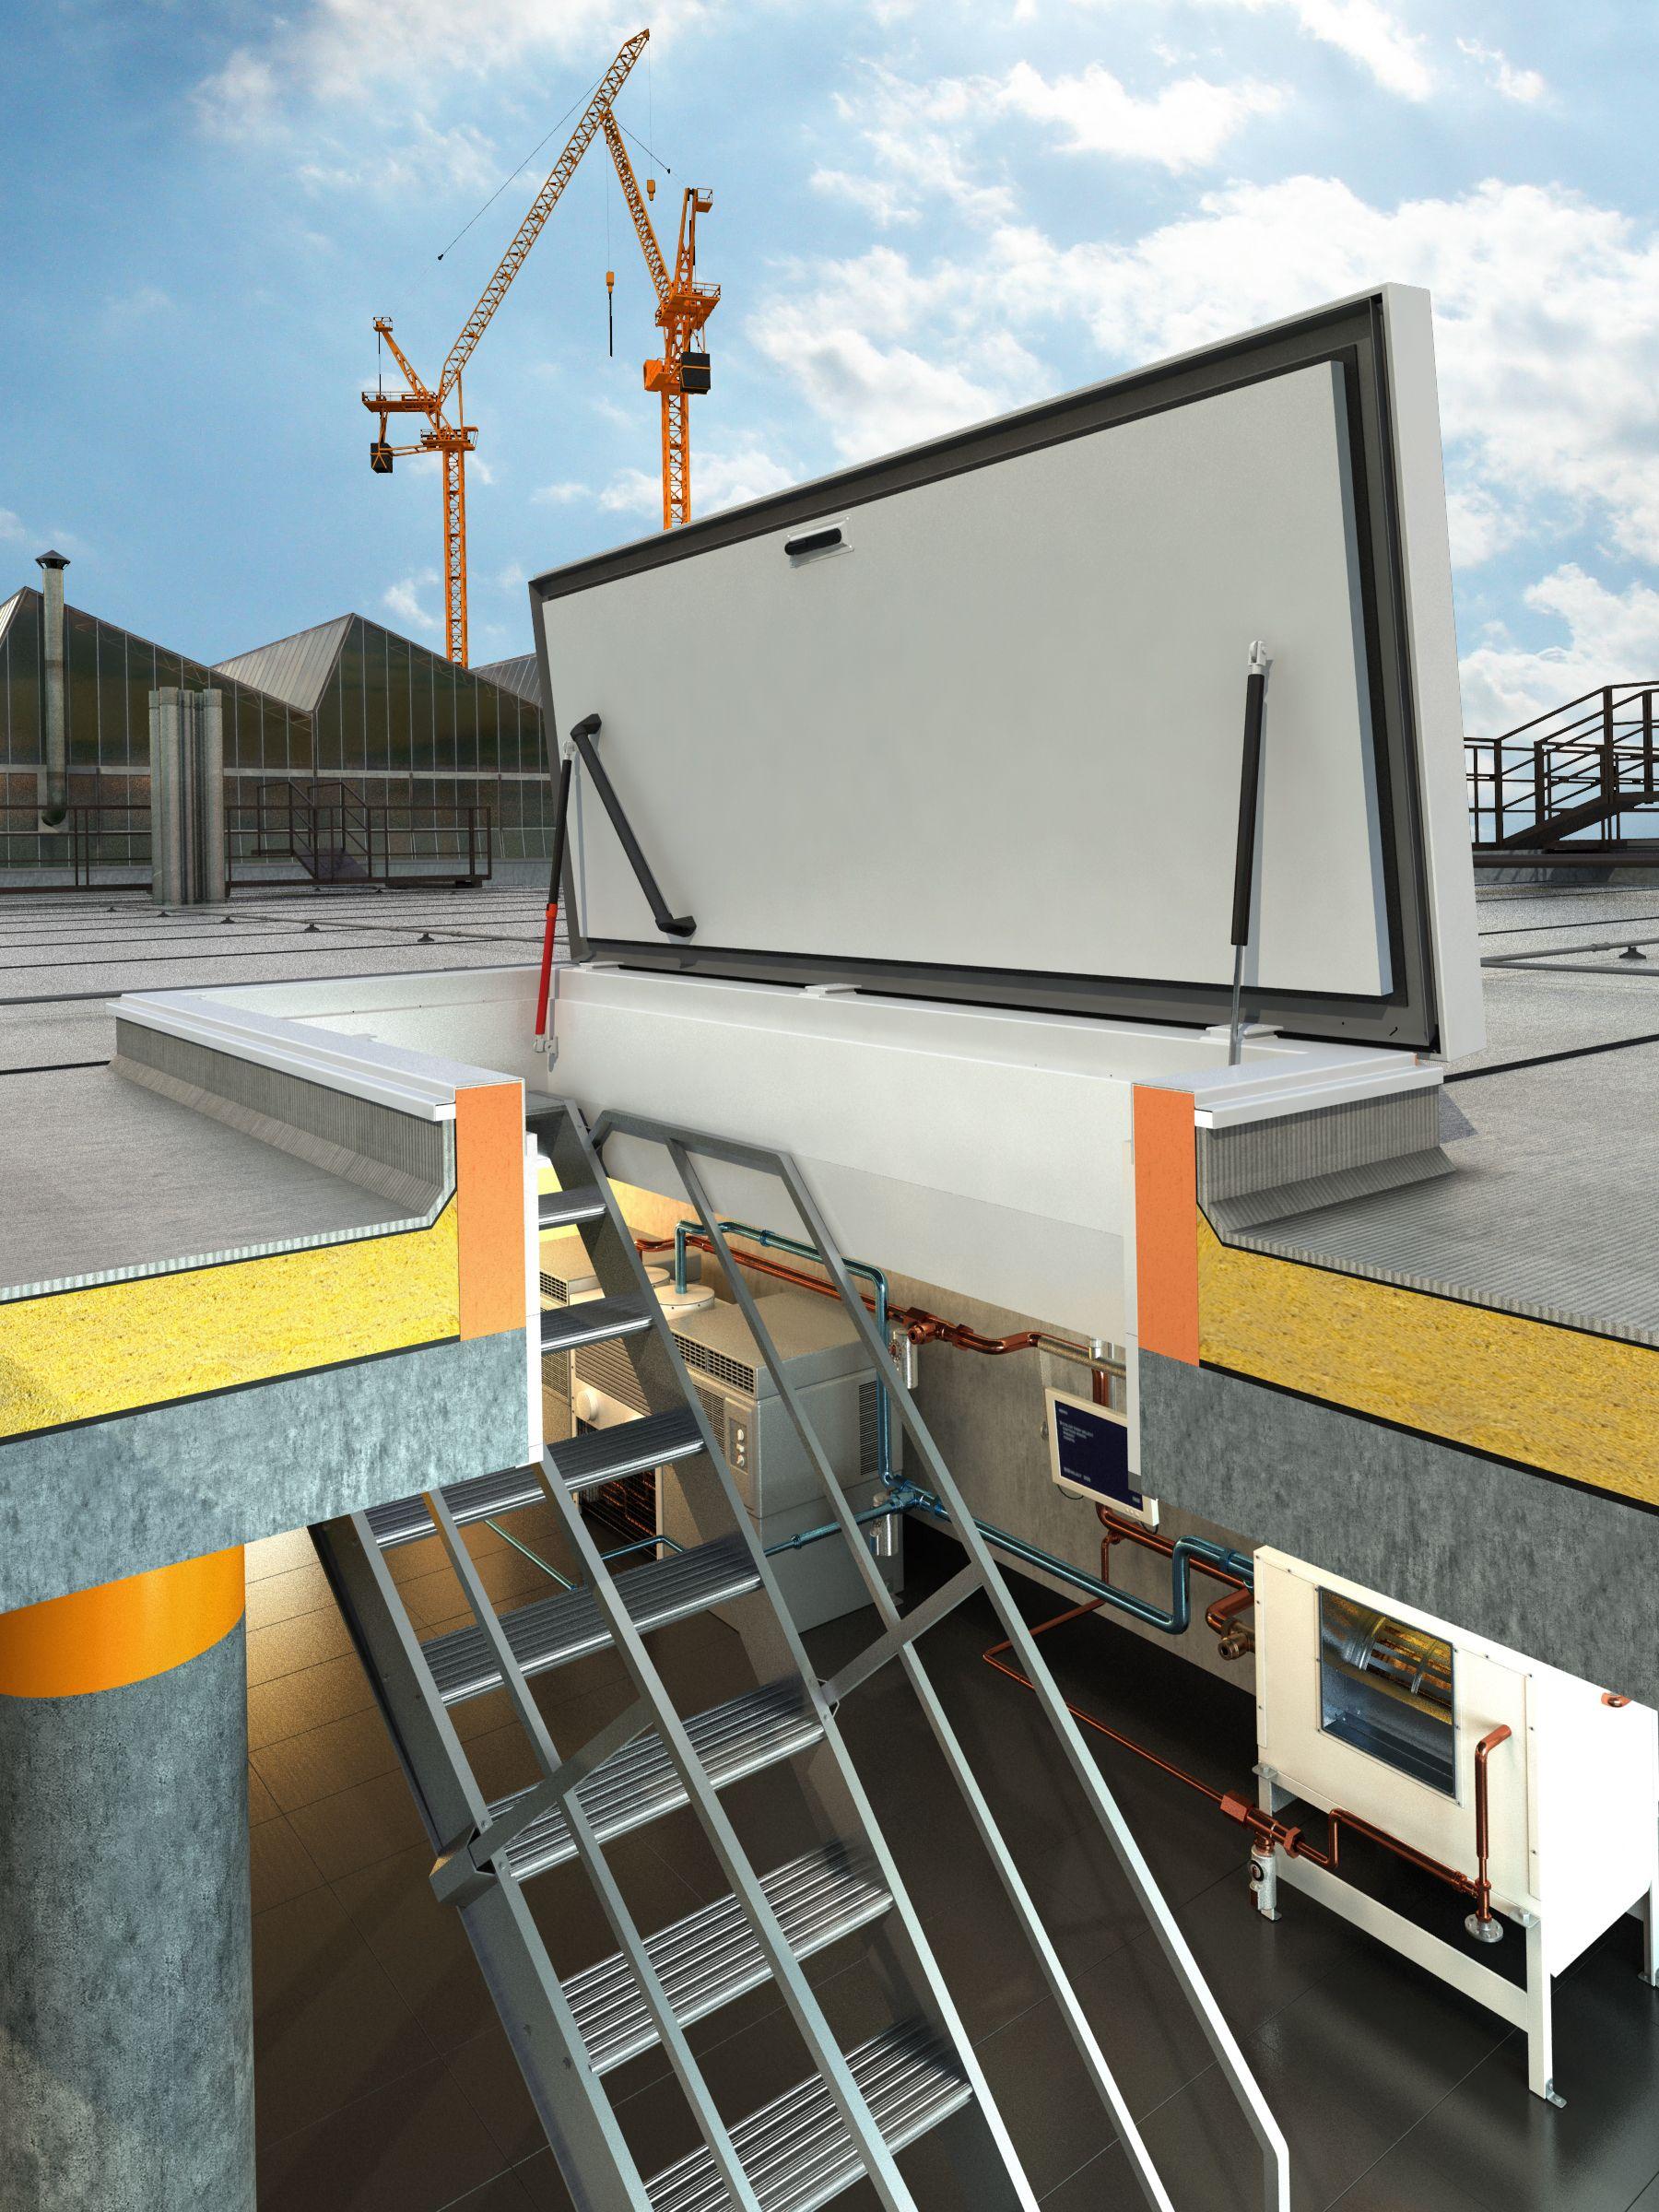 Une Trappe Avec Escalier Fixe Offre L'accès Le Plus ... concernant Acces Toit Terrasse